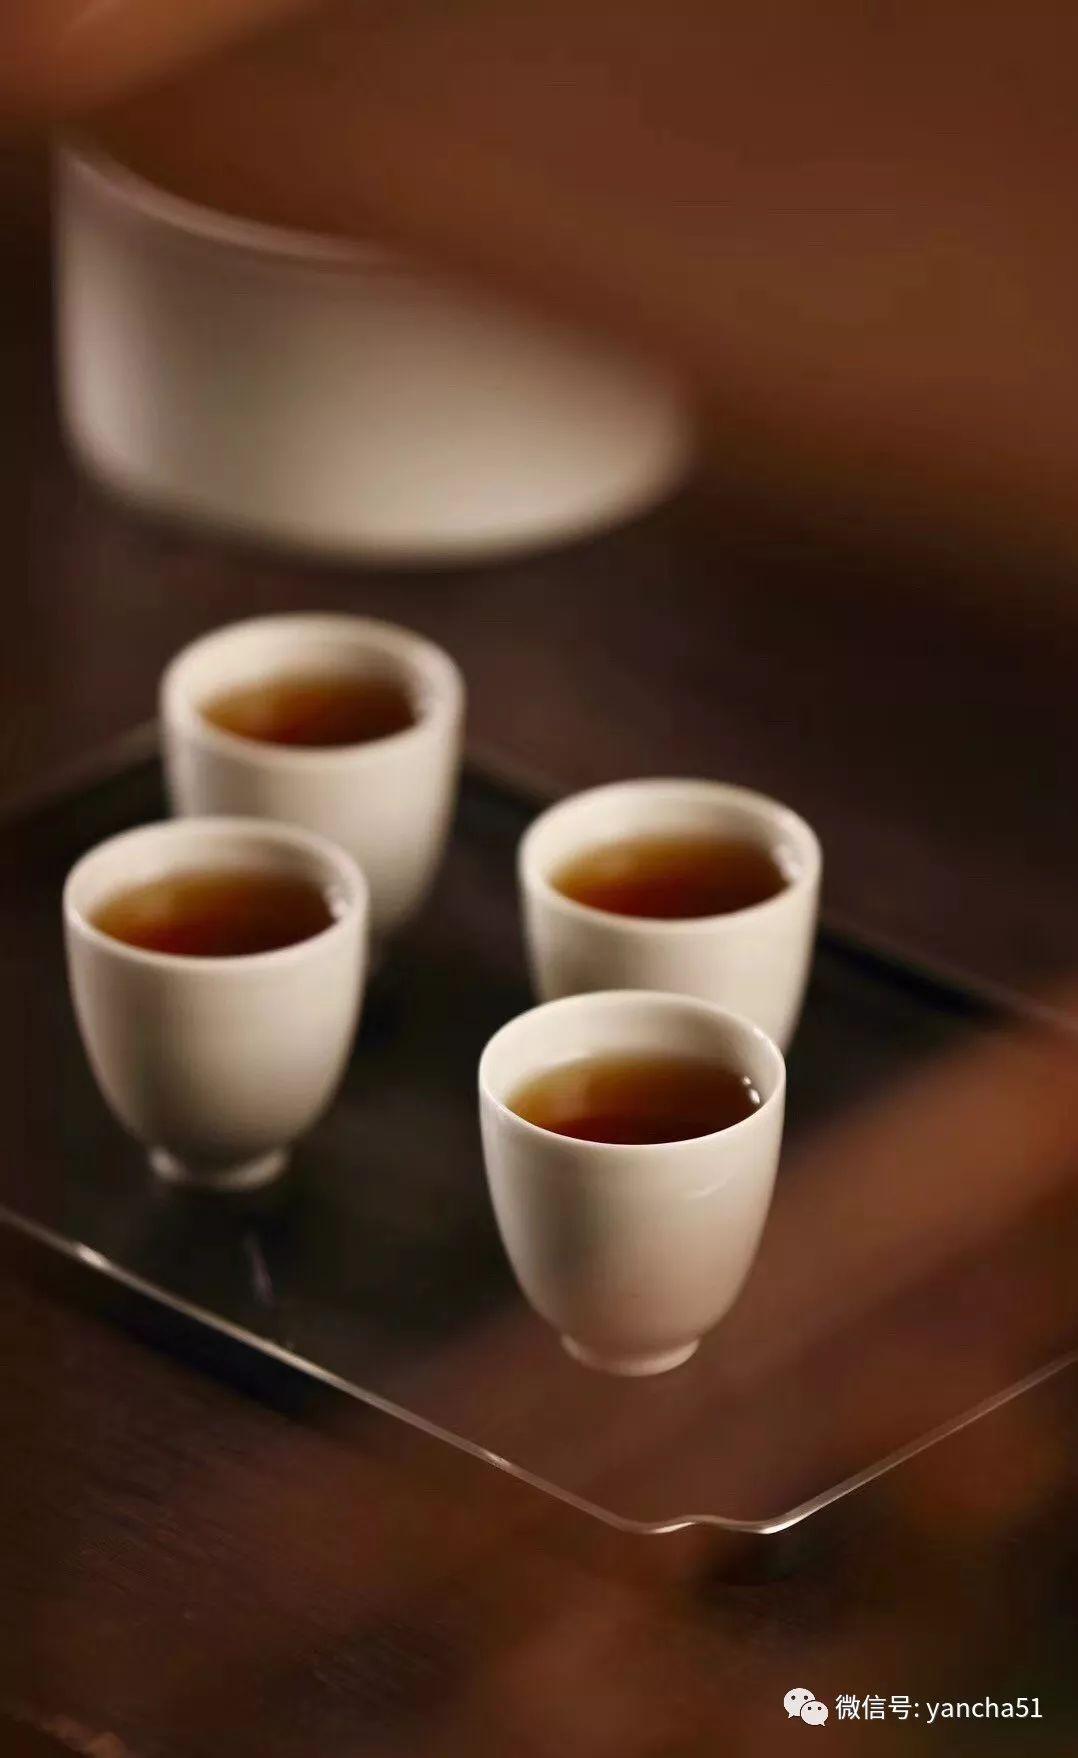 刘国英:武夷岩茶的冲泡和品鉴方法